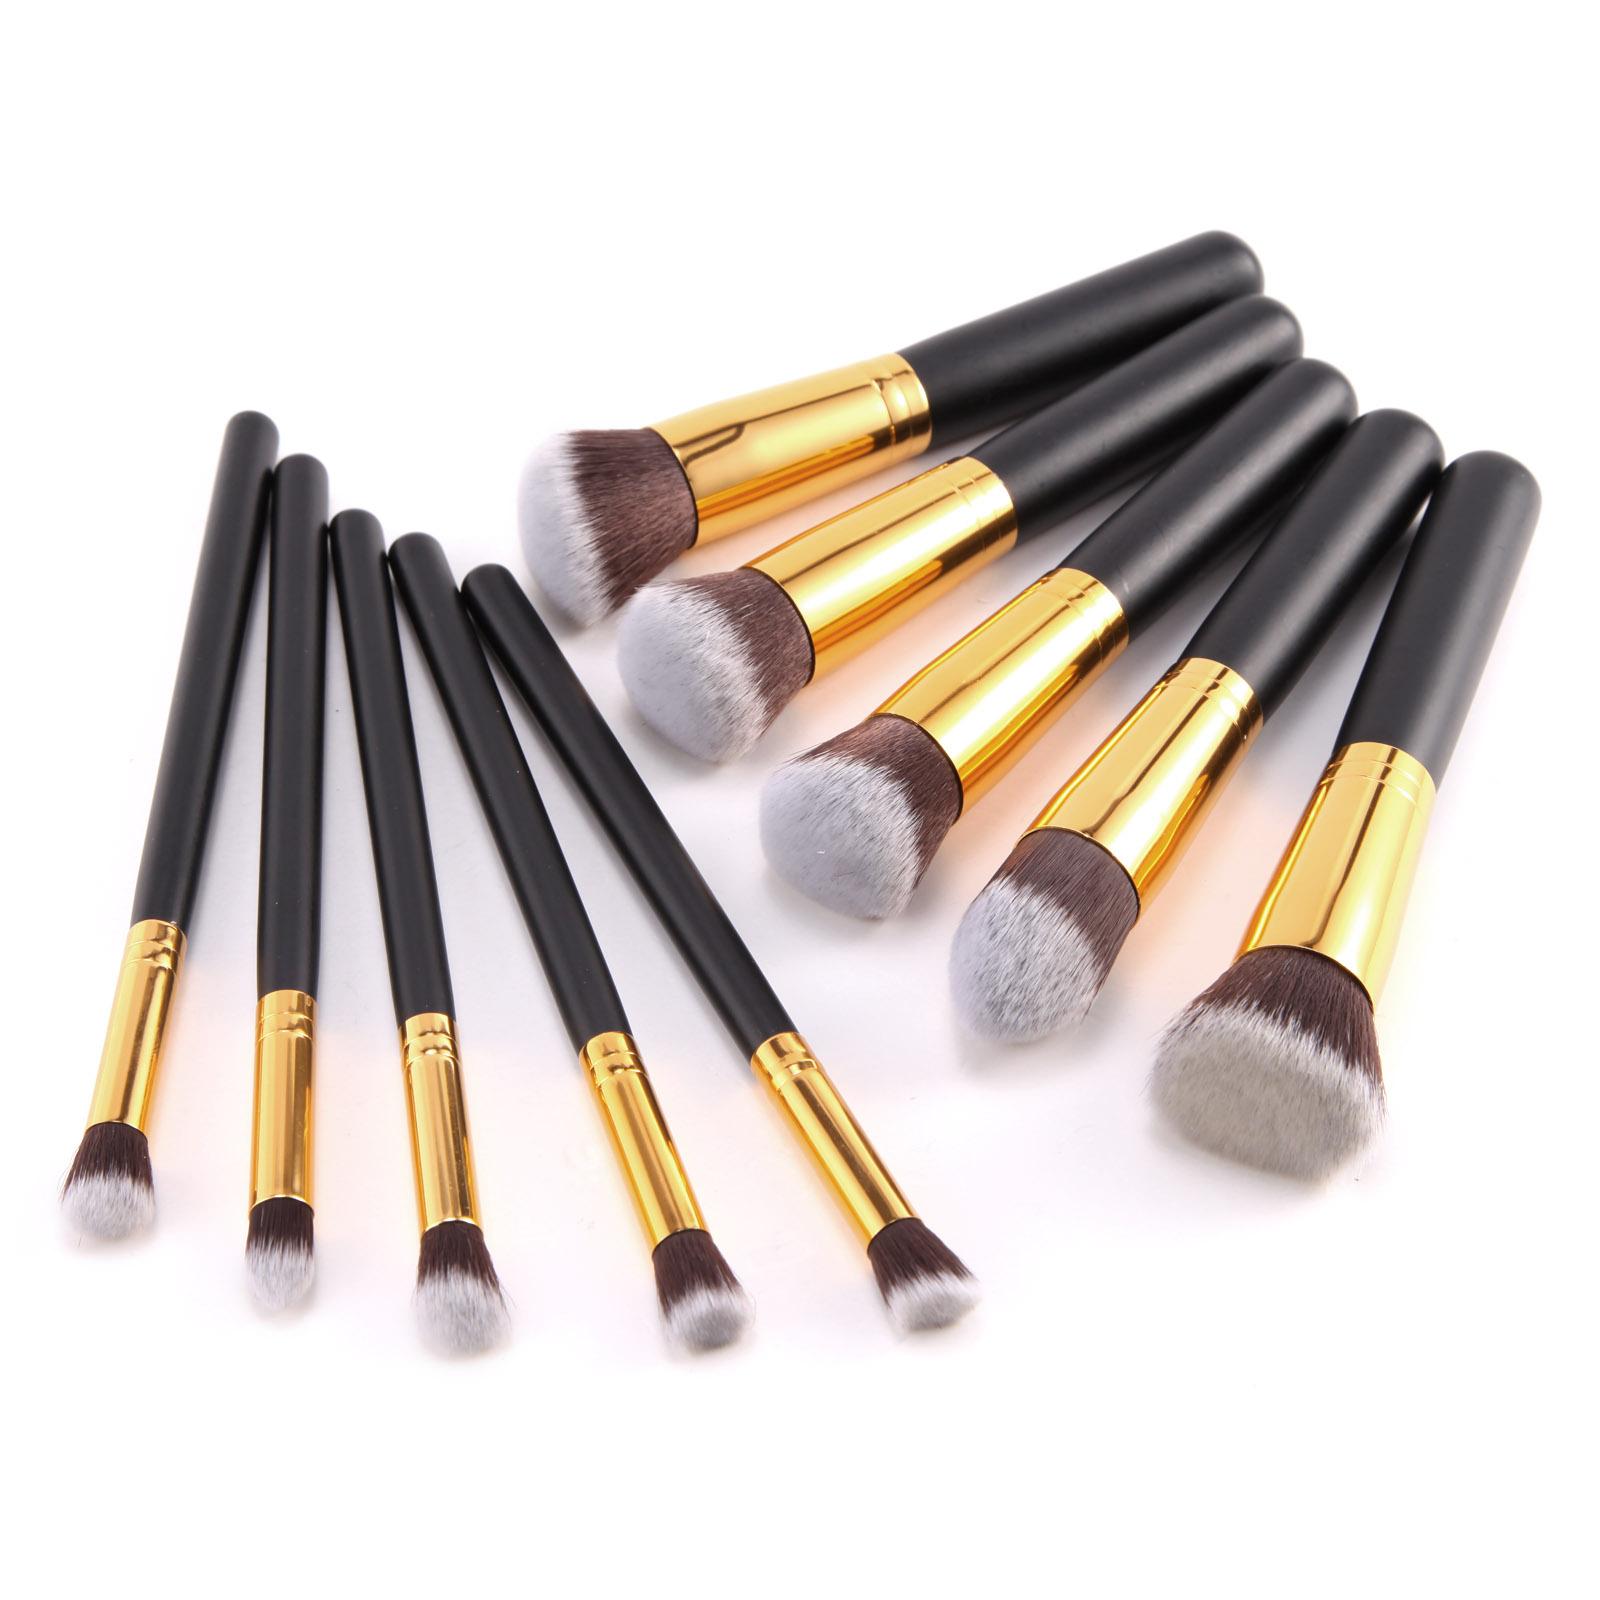 pinselset pinsel makeup set rundpinsel set brush set. Black Bedroom Furniture Sets. Home Design Ideas